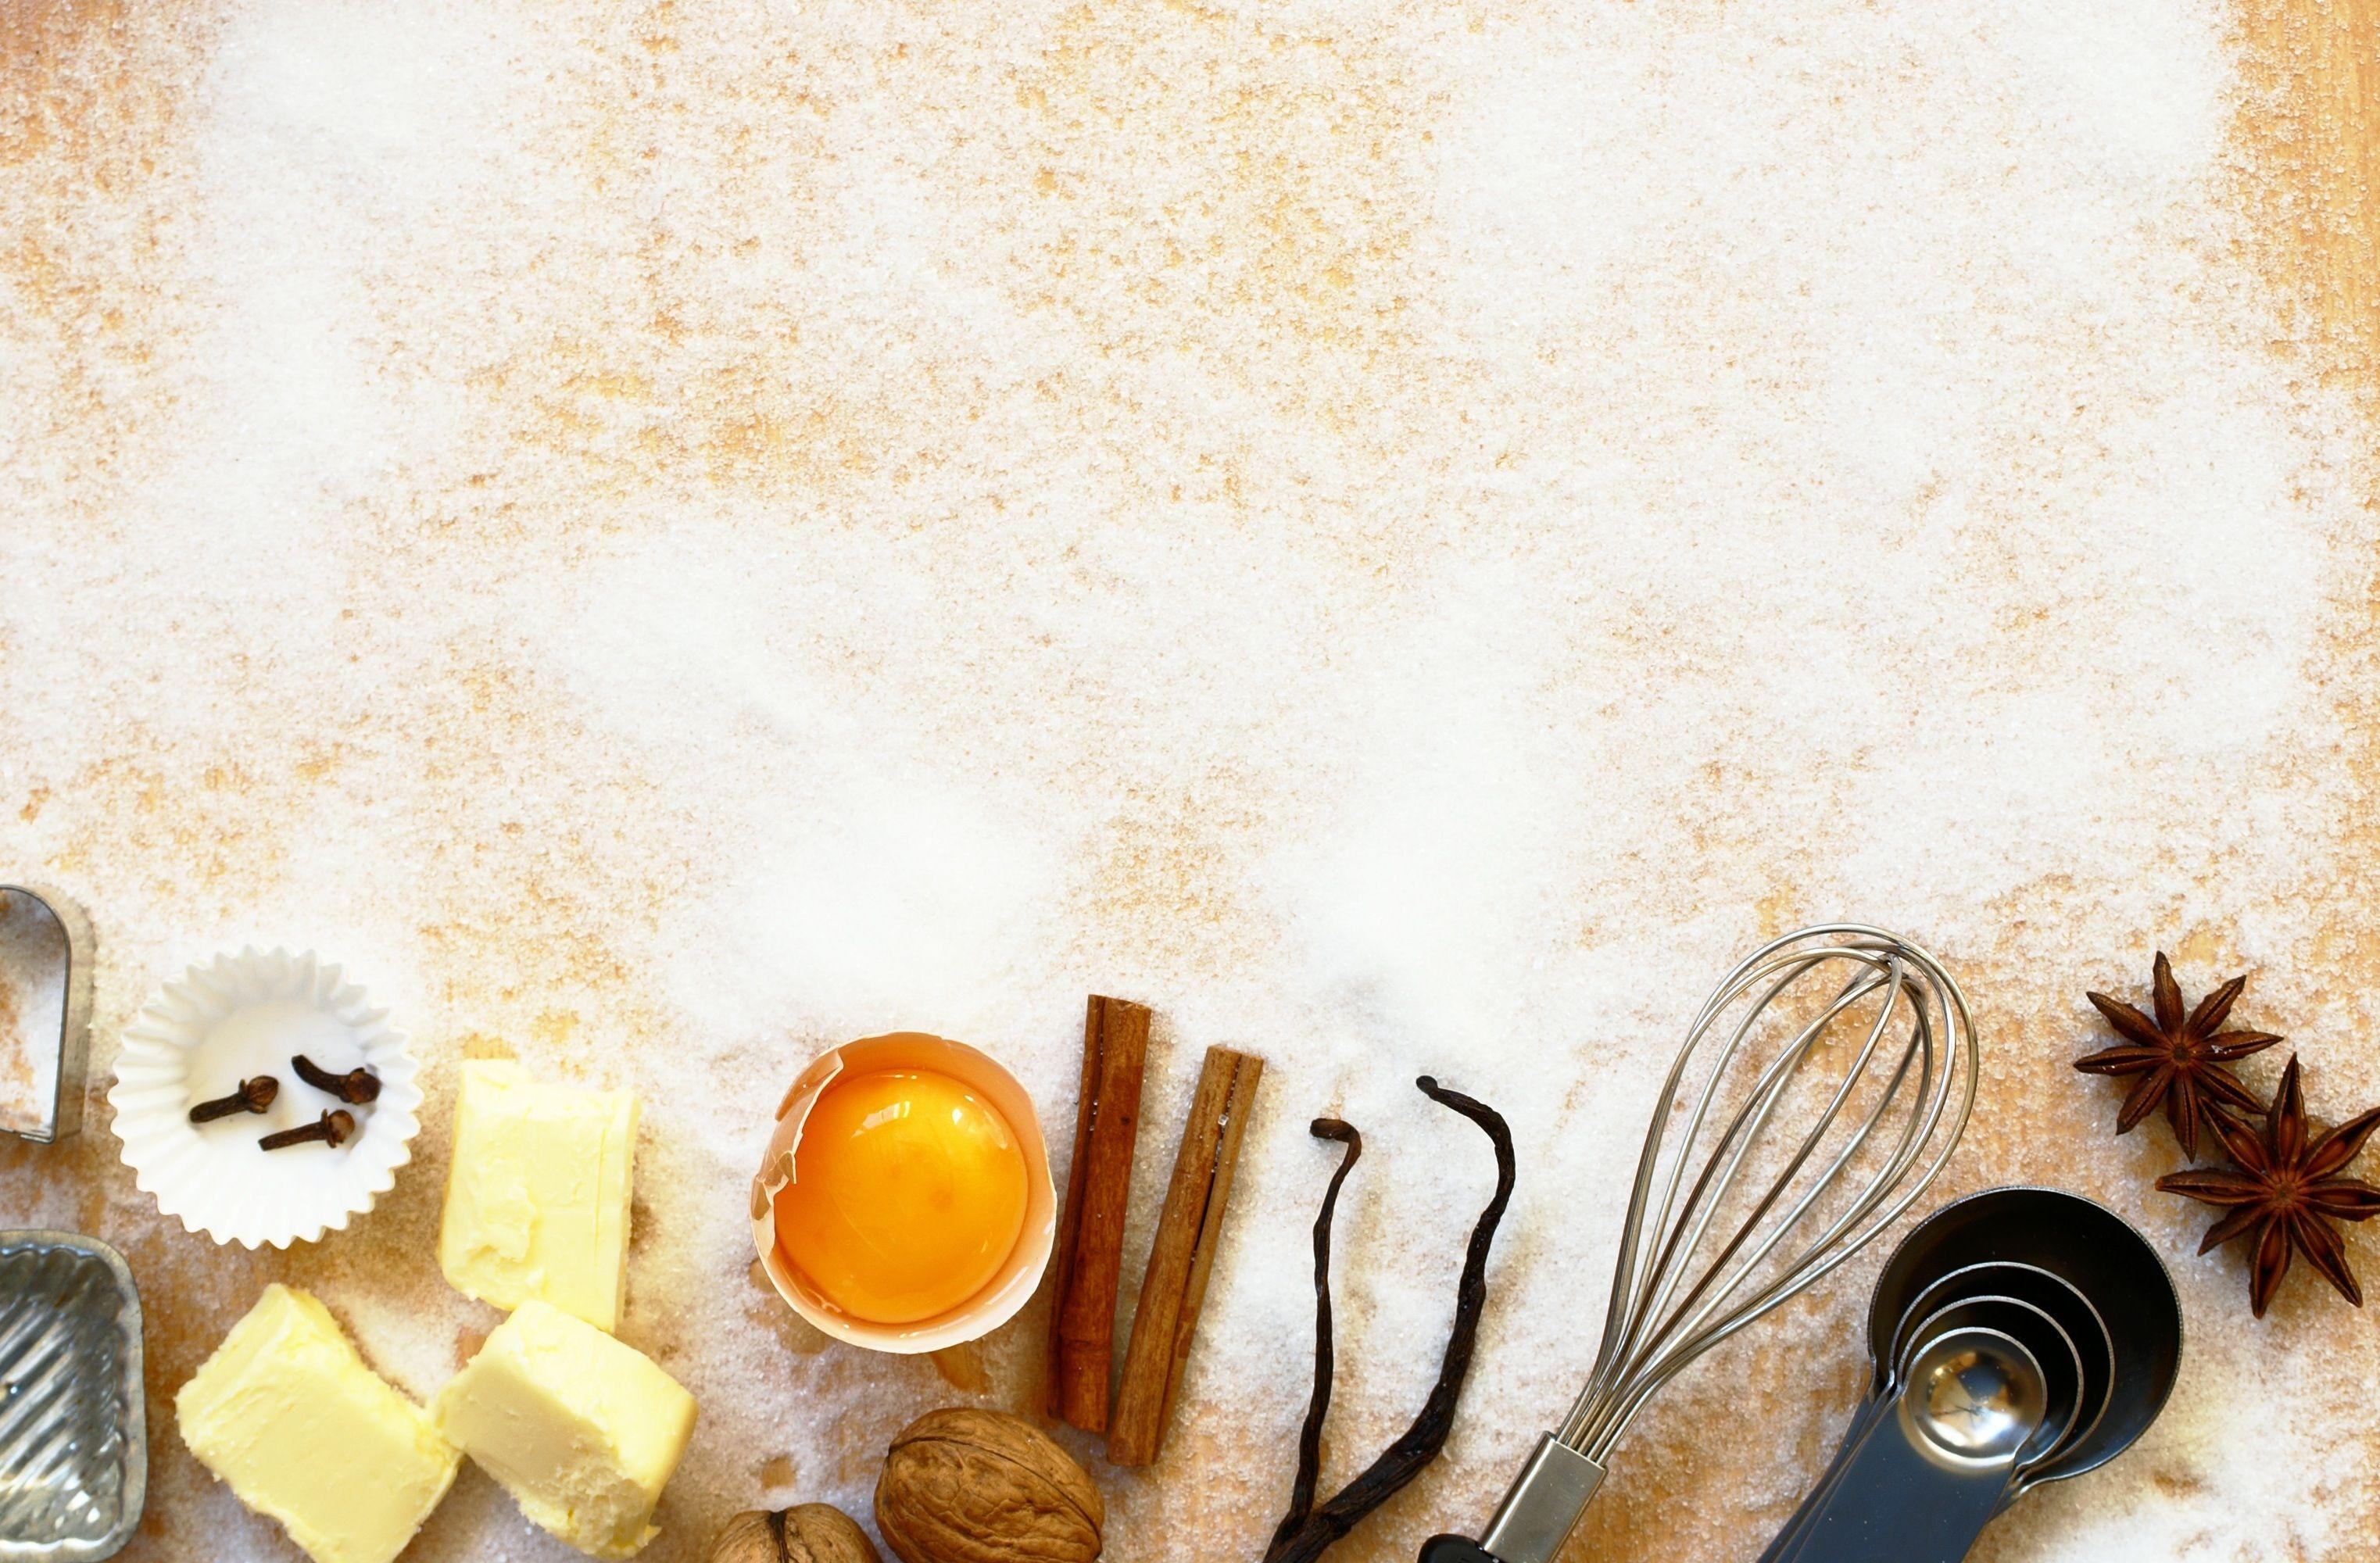 Wallpaper Sizing Ingredients - WallpaperSafari